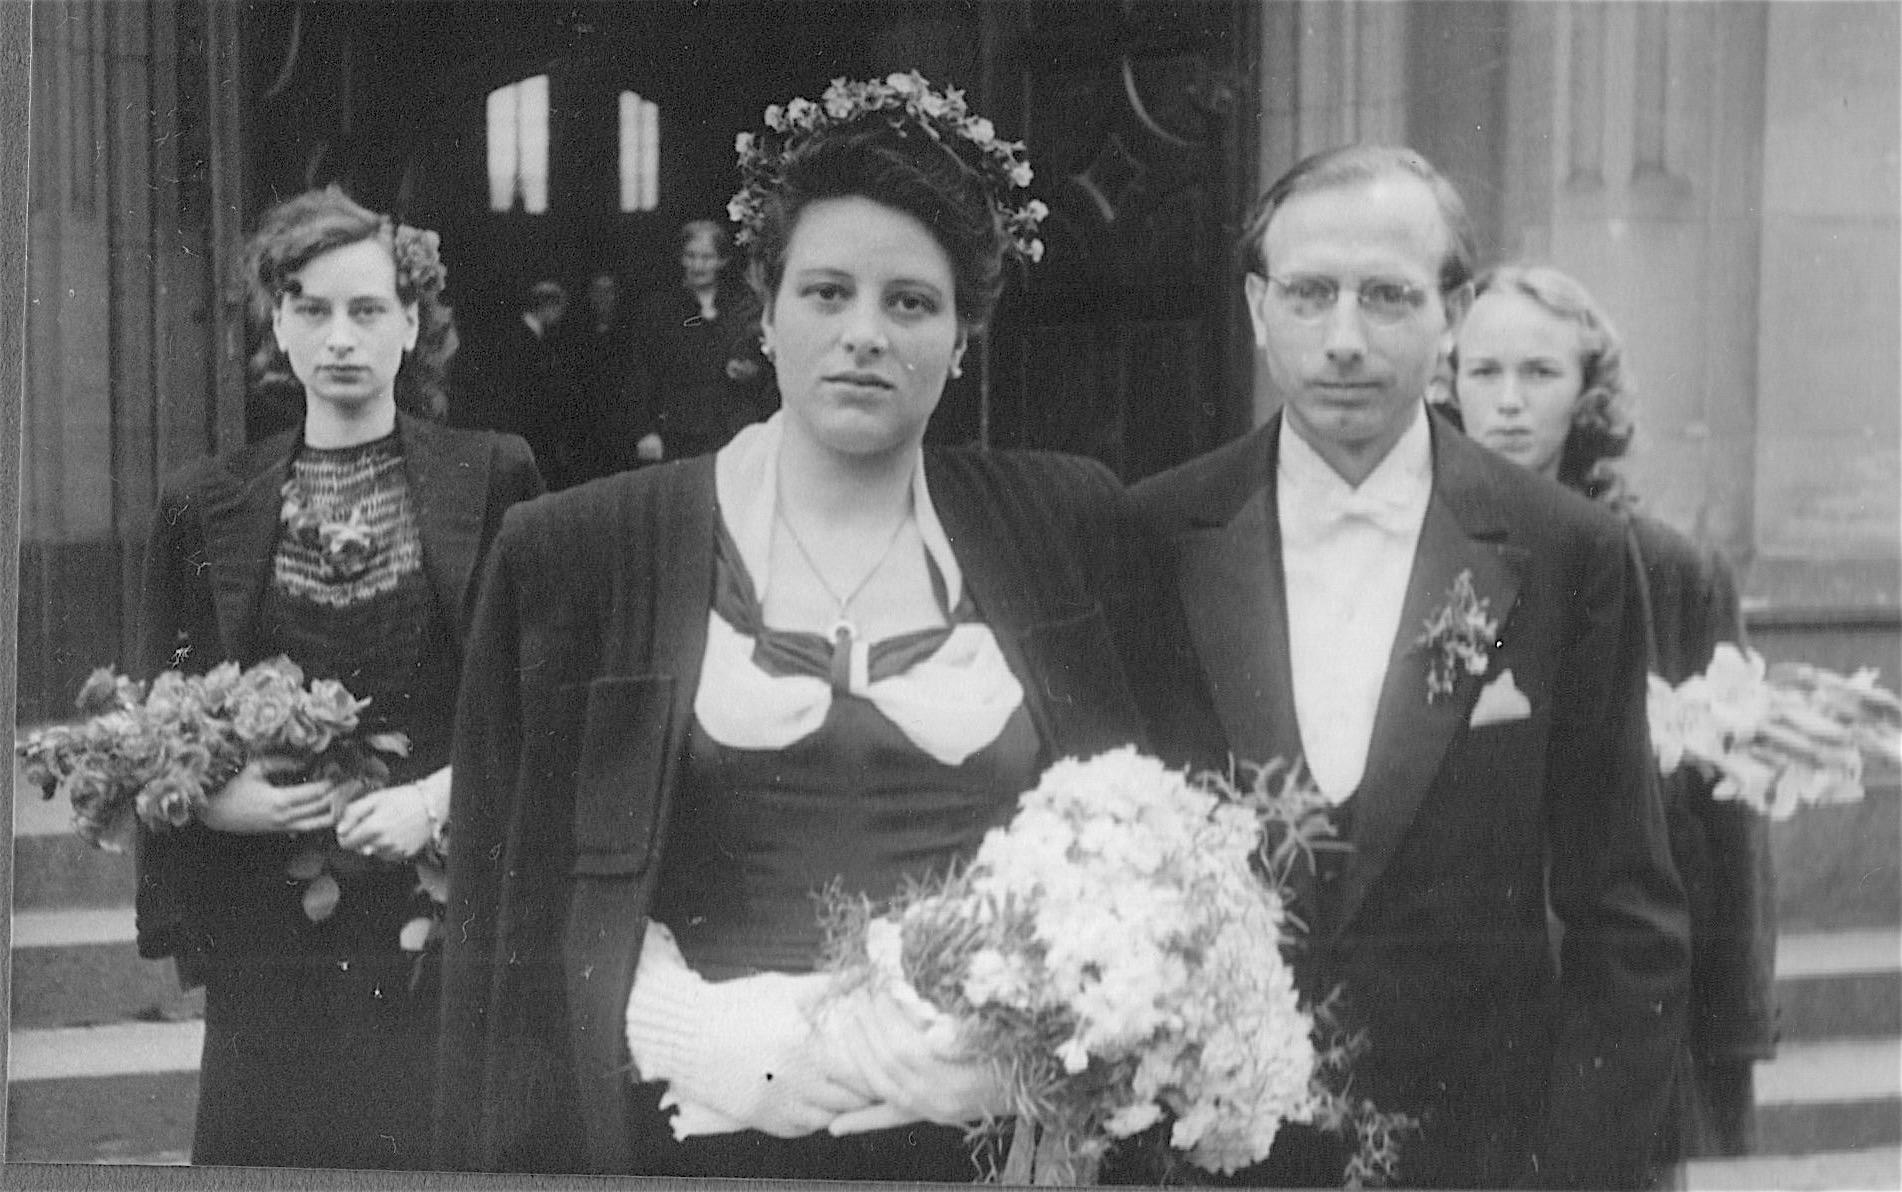 Hochzeit mit Doris Berghäuser 1949